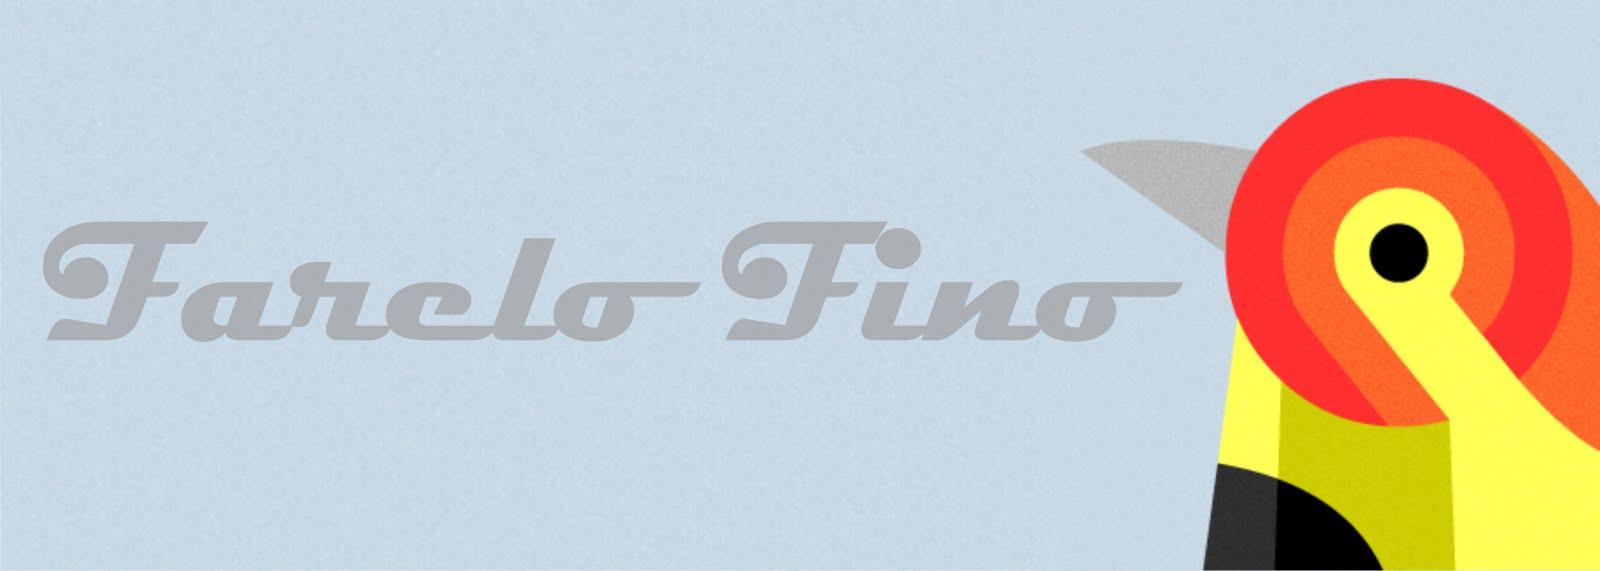 FareloFino